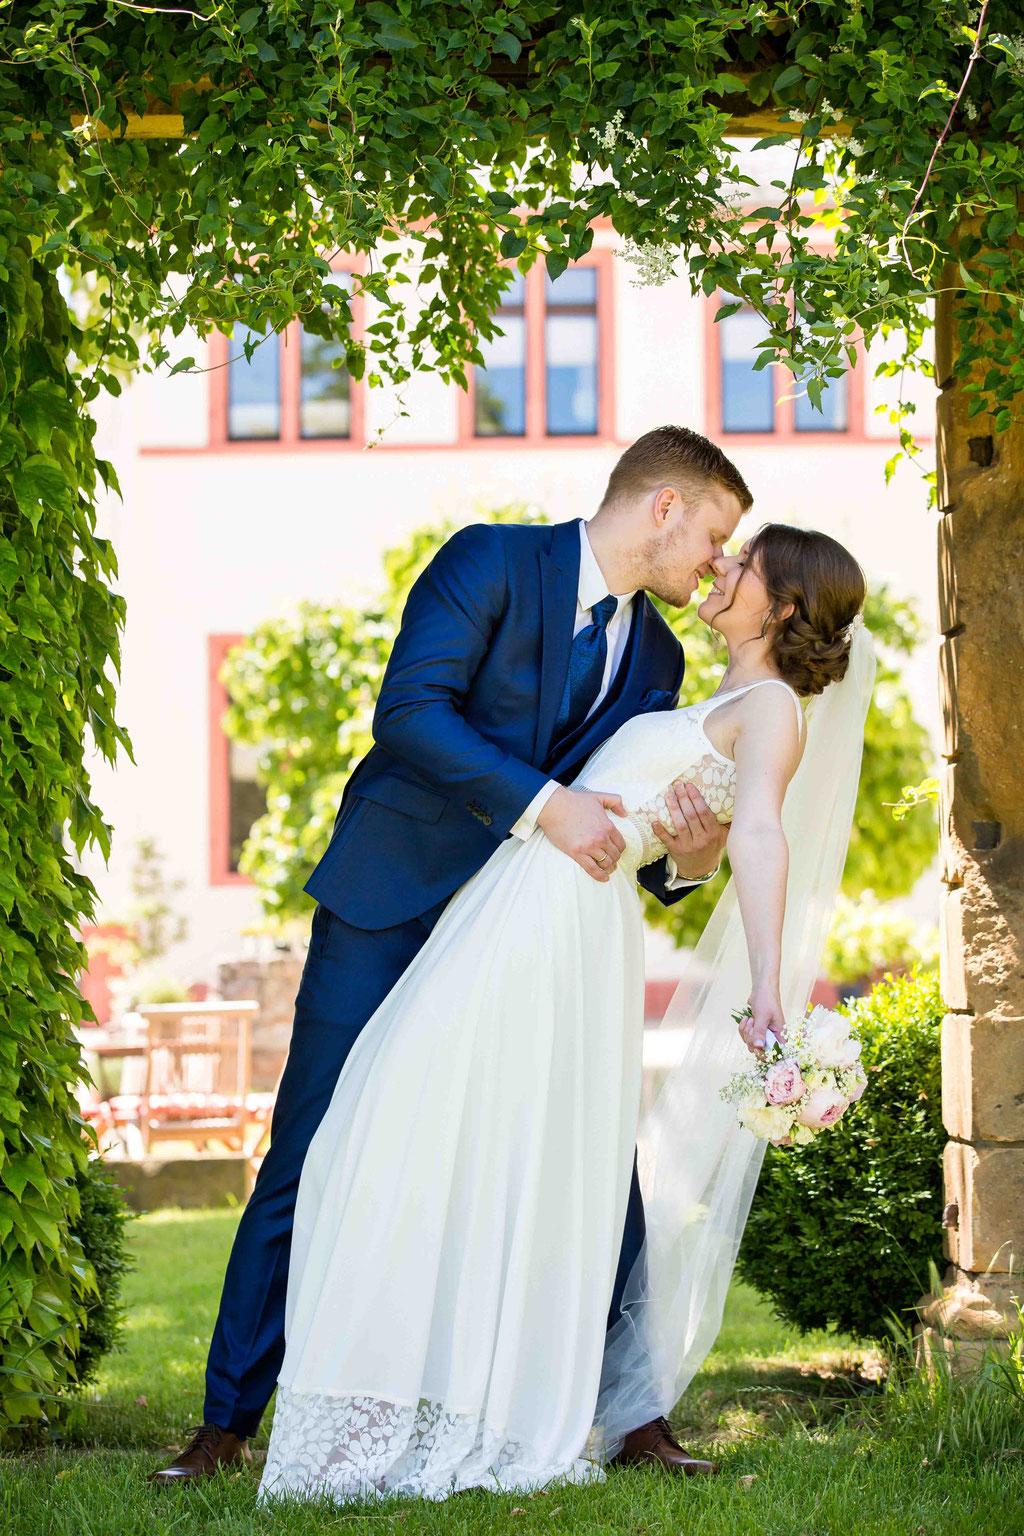 Filmkuss Ehepaar Hochzeitspaar, Filmkuss Braut und Bräutigam, spektakulärer Kuss Brautpaar fotografiert